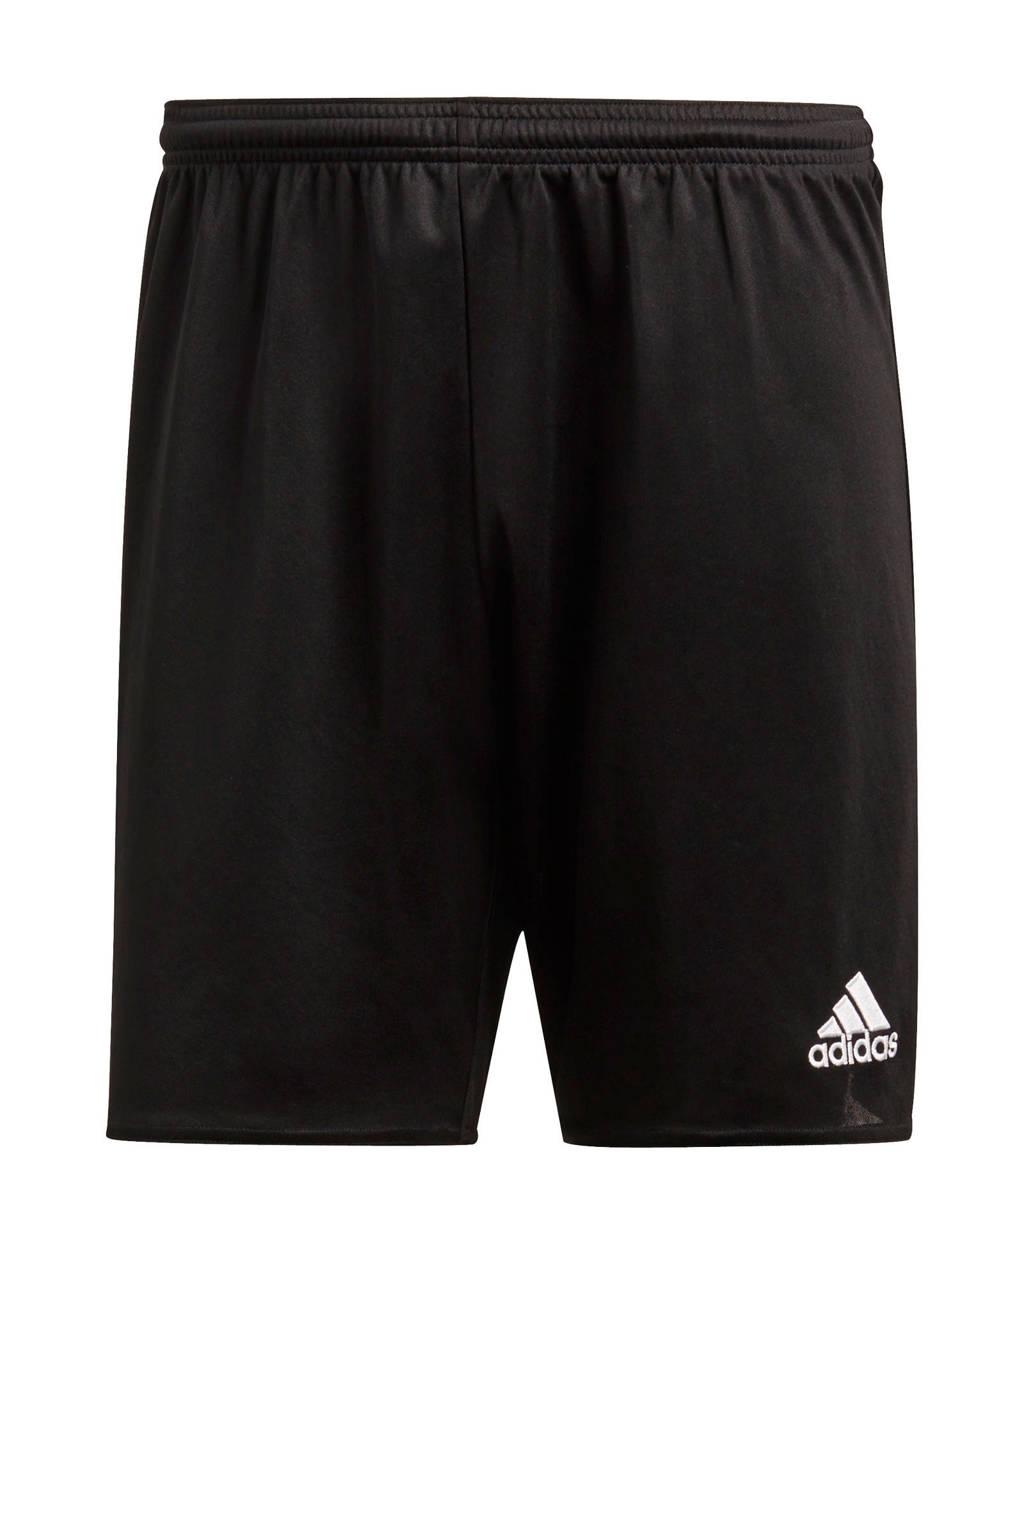 adidas Performance   sportshort Parma zwart, Zwart